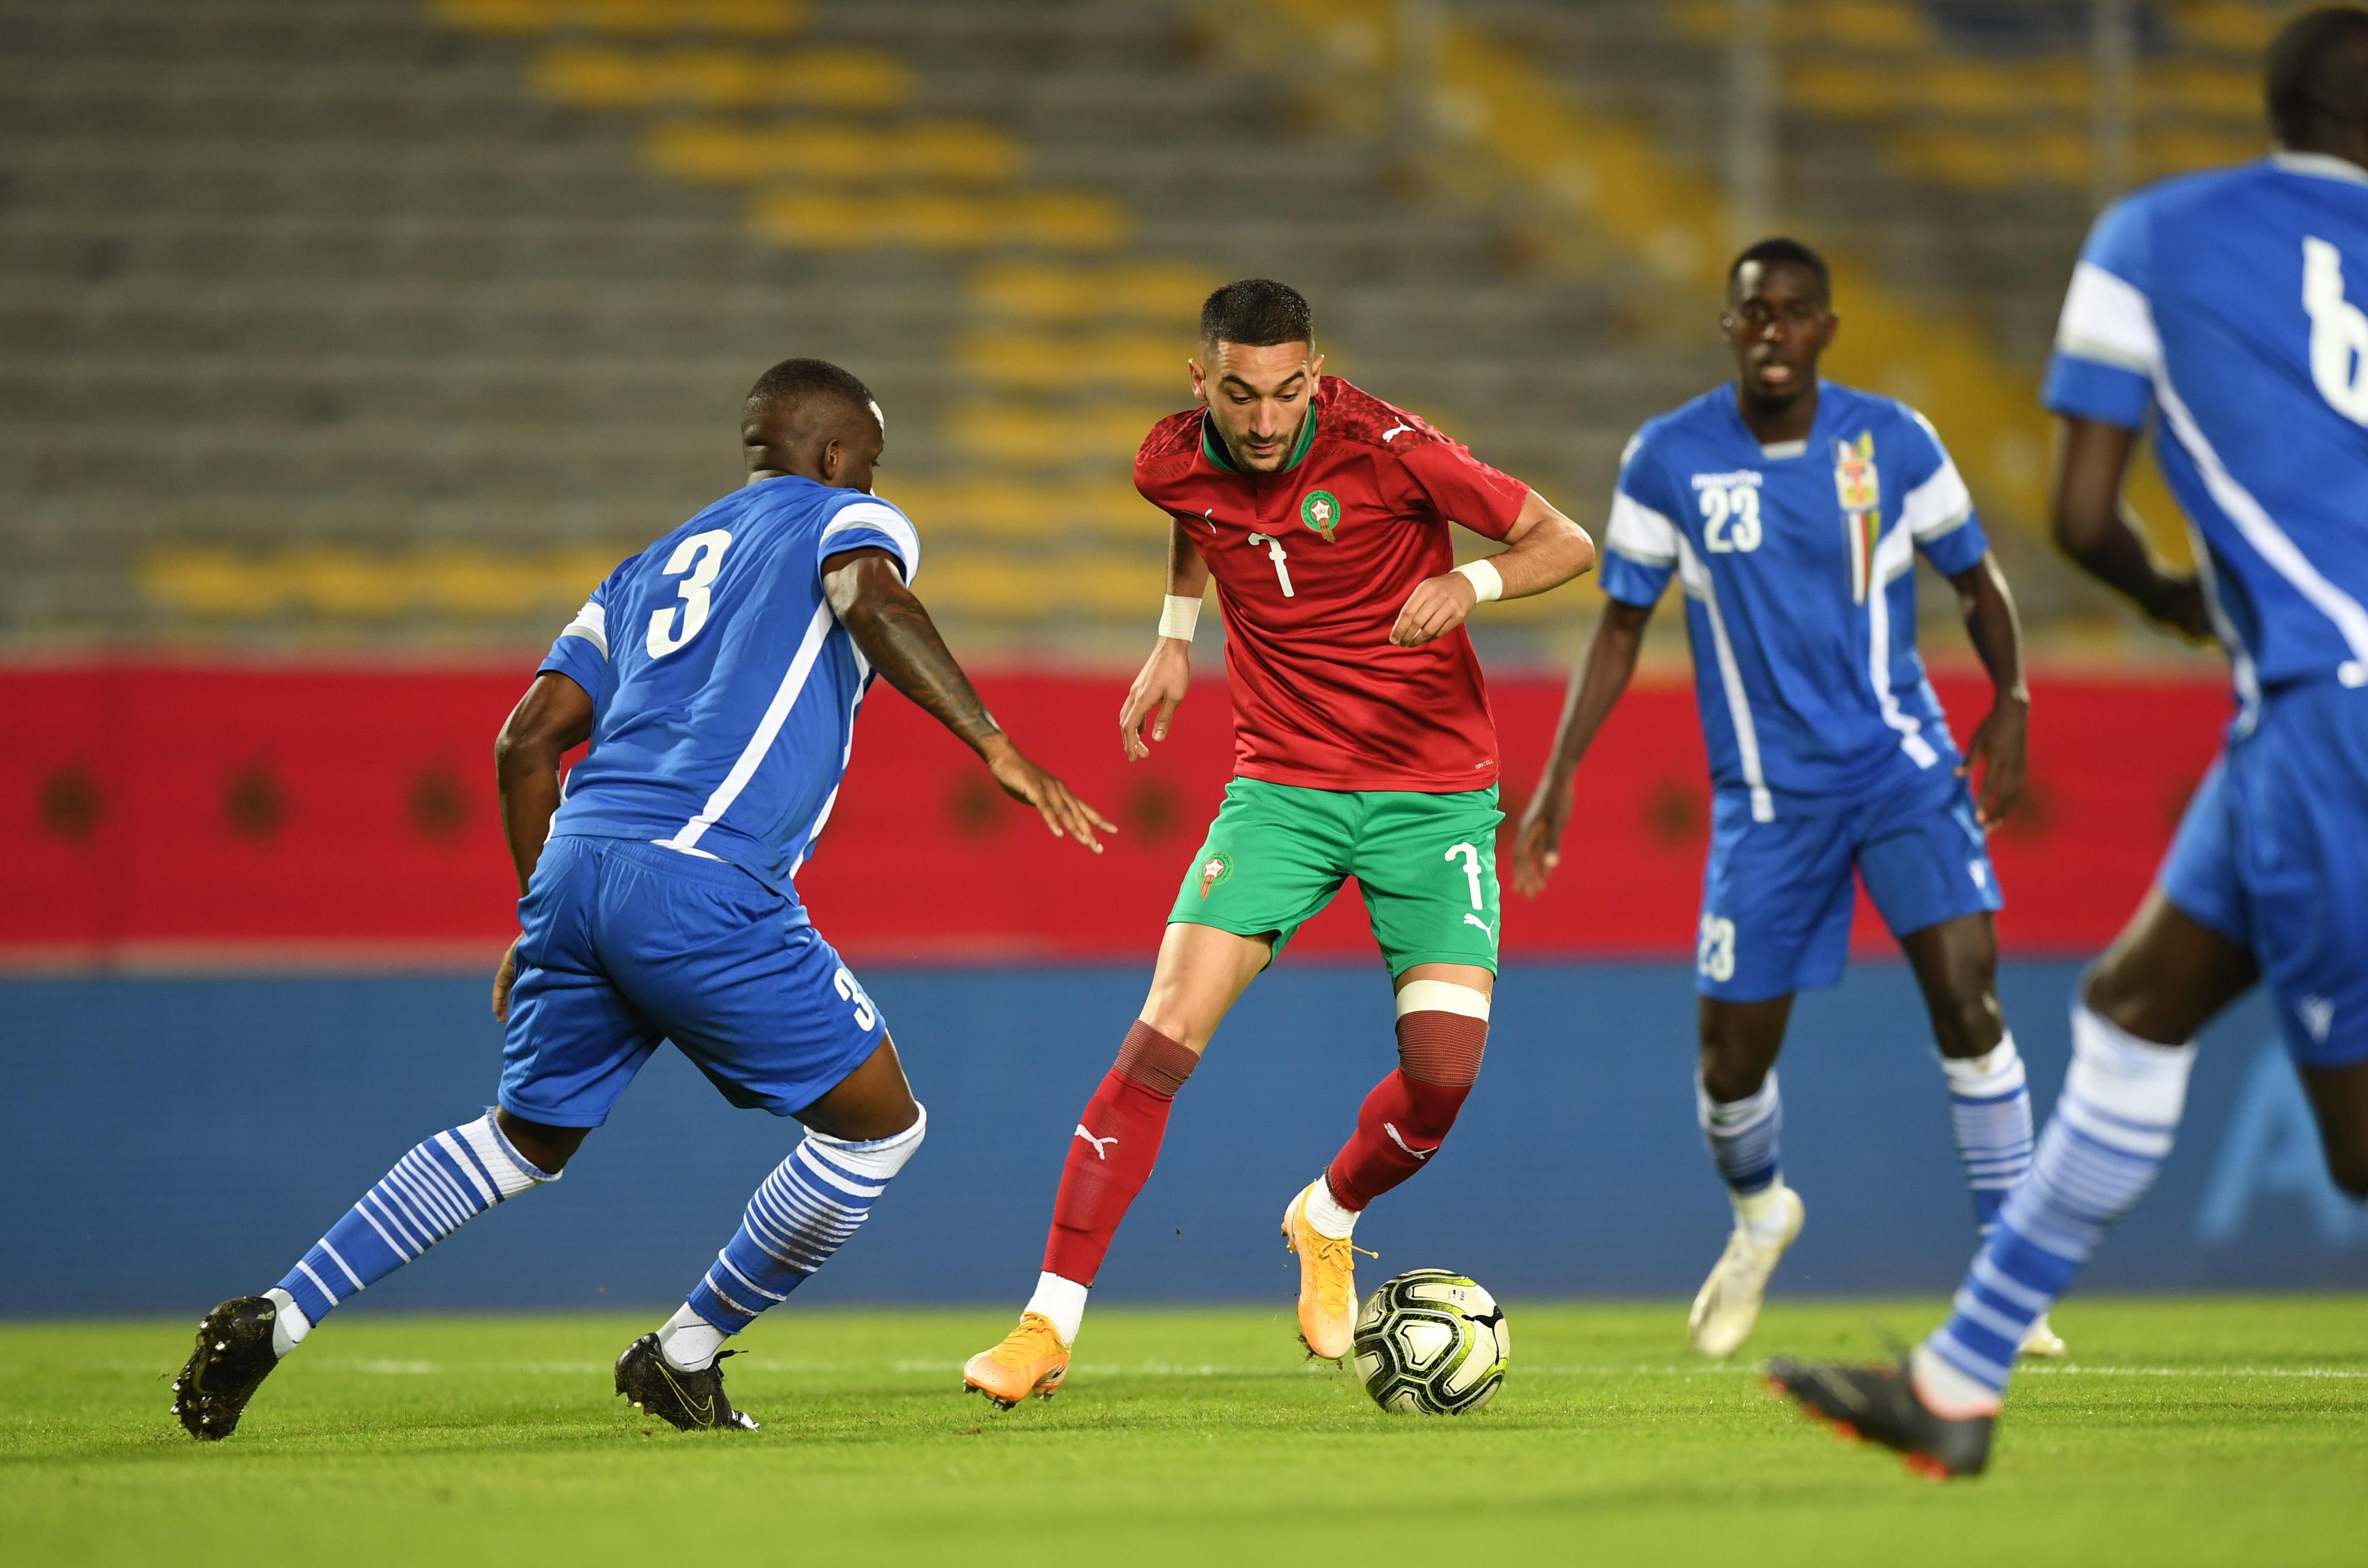 Fabregas et Ben Chilweel jugent la prestation de Hakim Ziyech